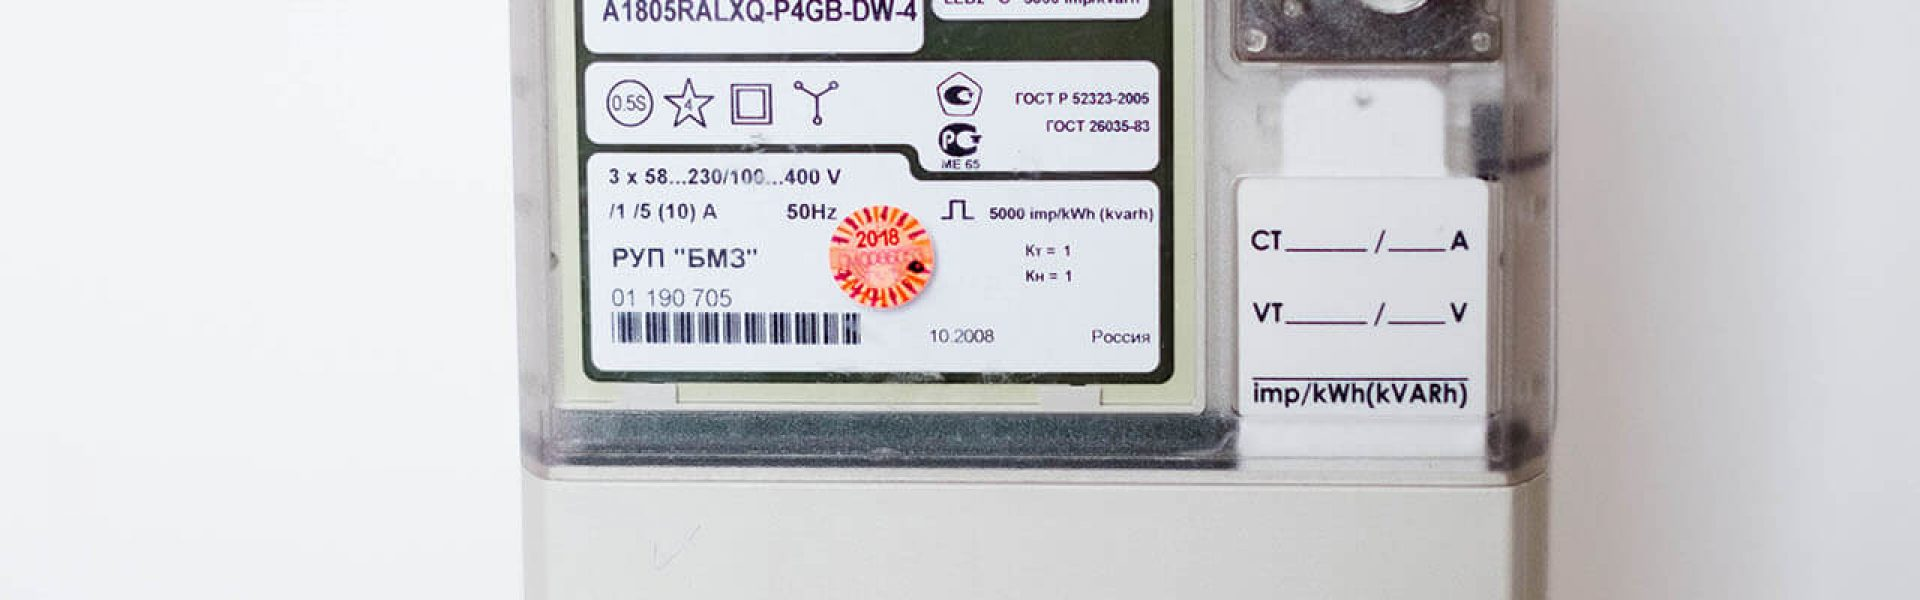 DSCF8913